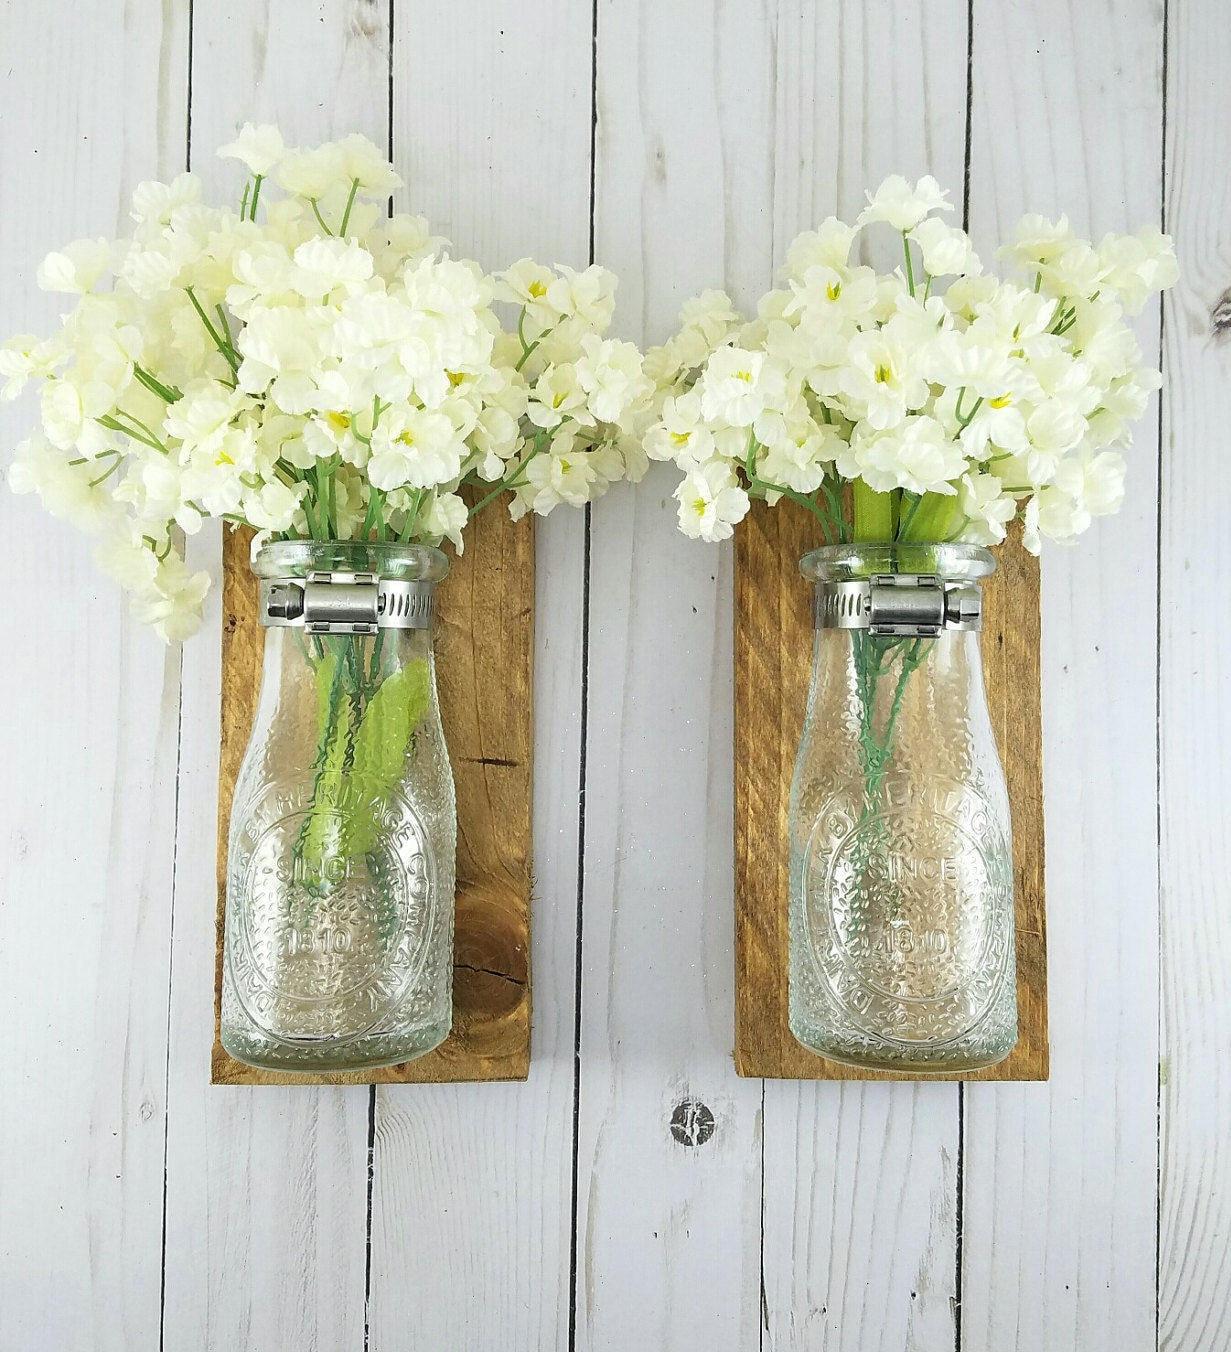 Flowers by post vase - Reclaimed Wood Wall Decor Dairy Bottle Flower Holder Milk Bottle Bud Vase Wall